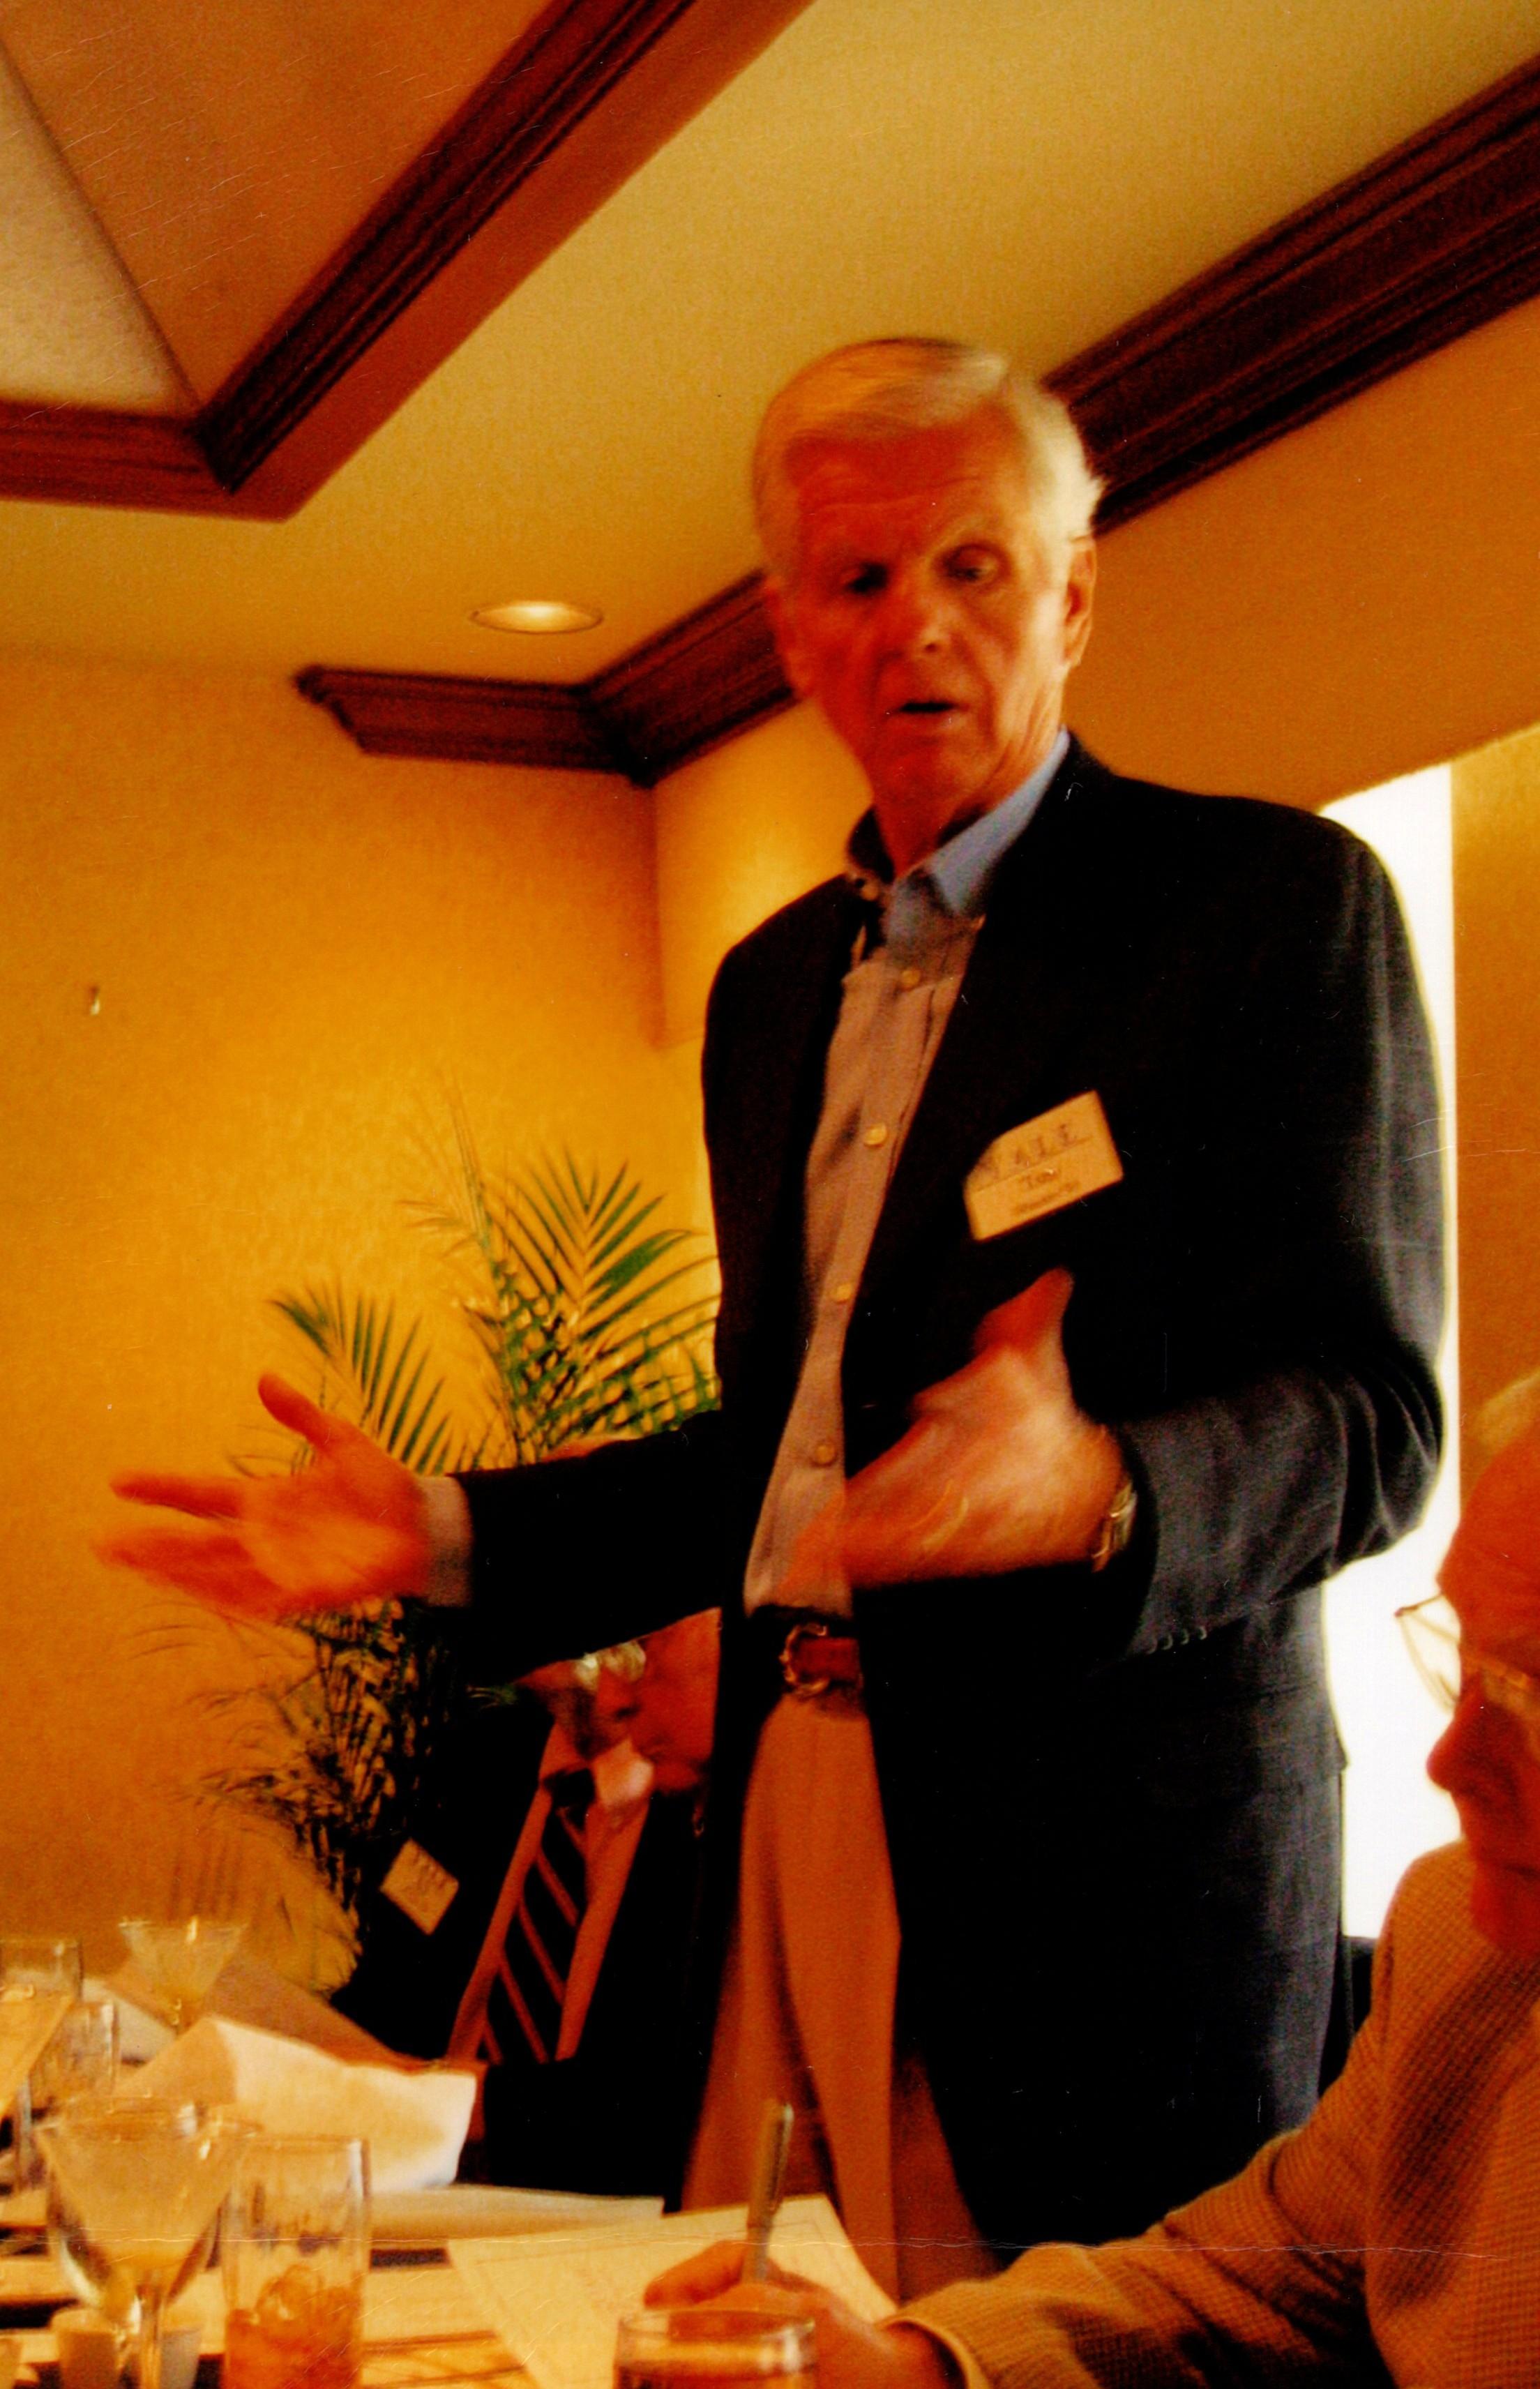 11_11_2004 - ANNUAL MEETING OF MEMBERS - NAPLES YACHT CLUB 11.jpg